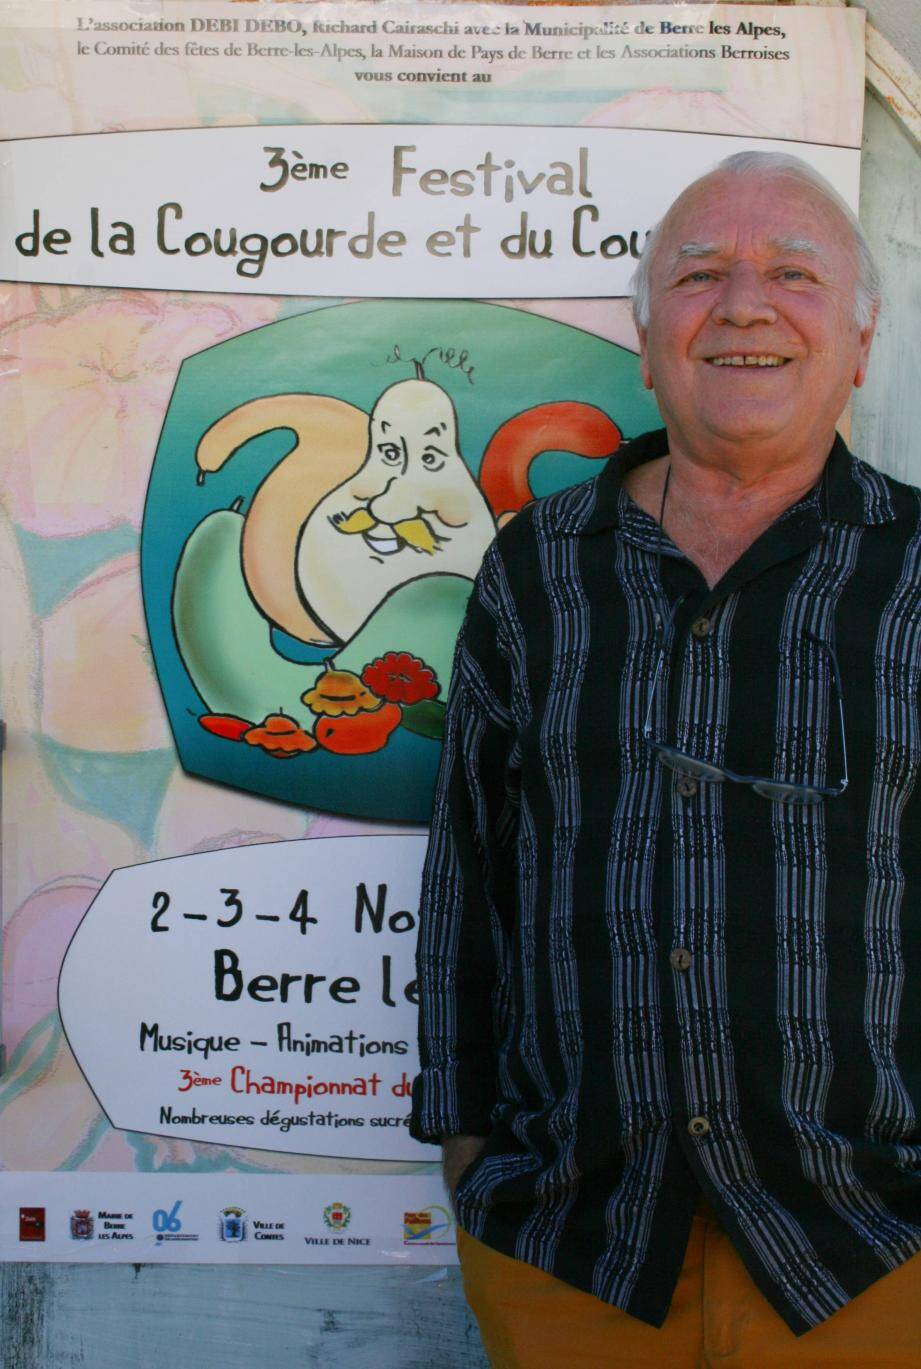 Richard Cairaschi présente la 3e édition du Festival de la cougourde et du cougourdon.